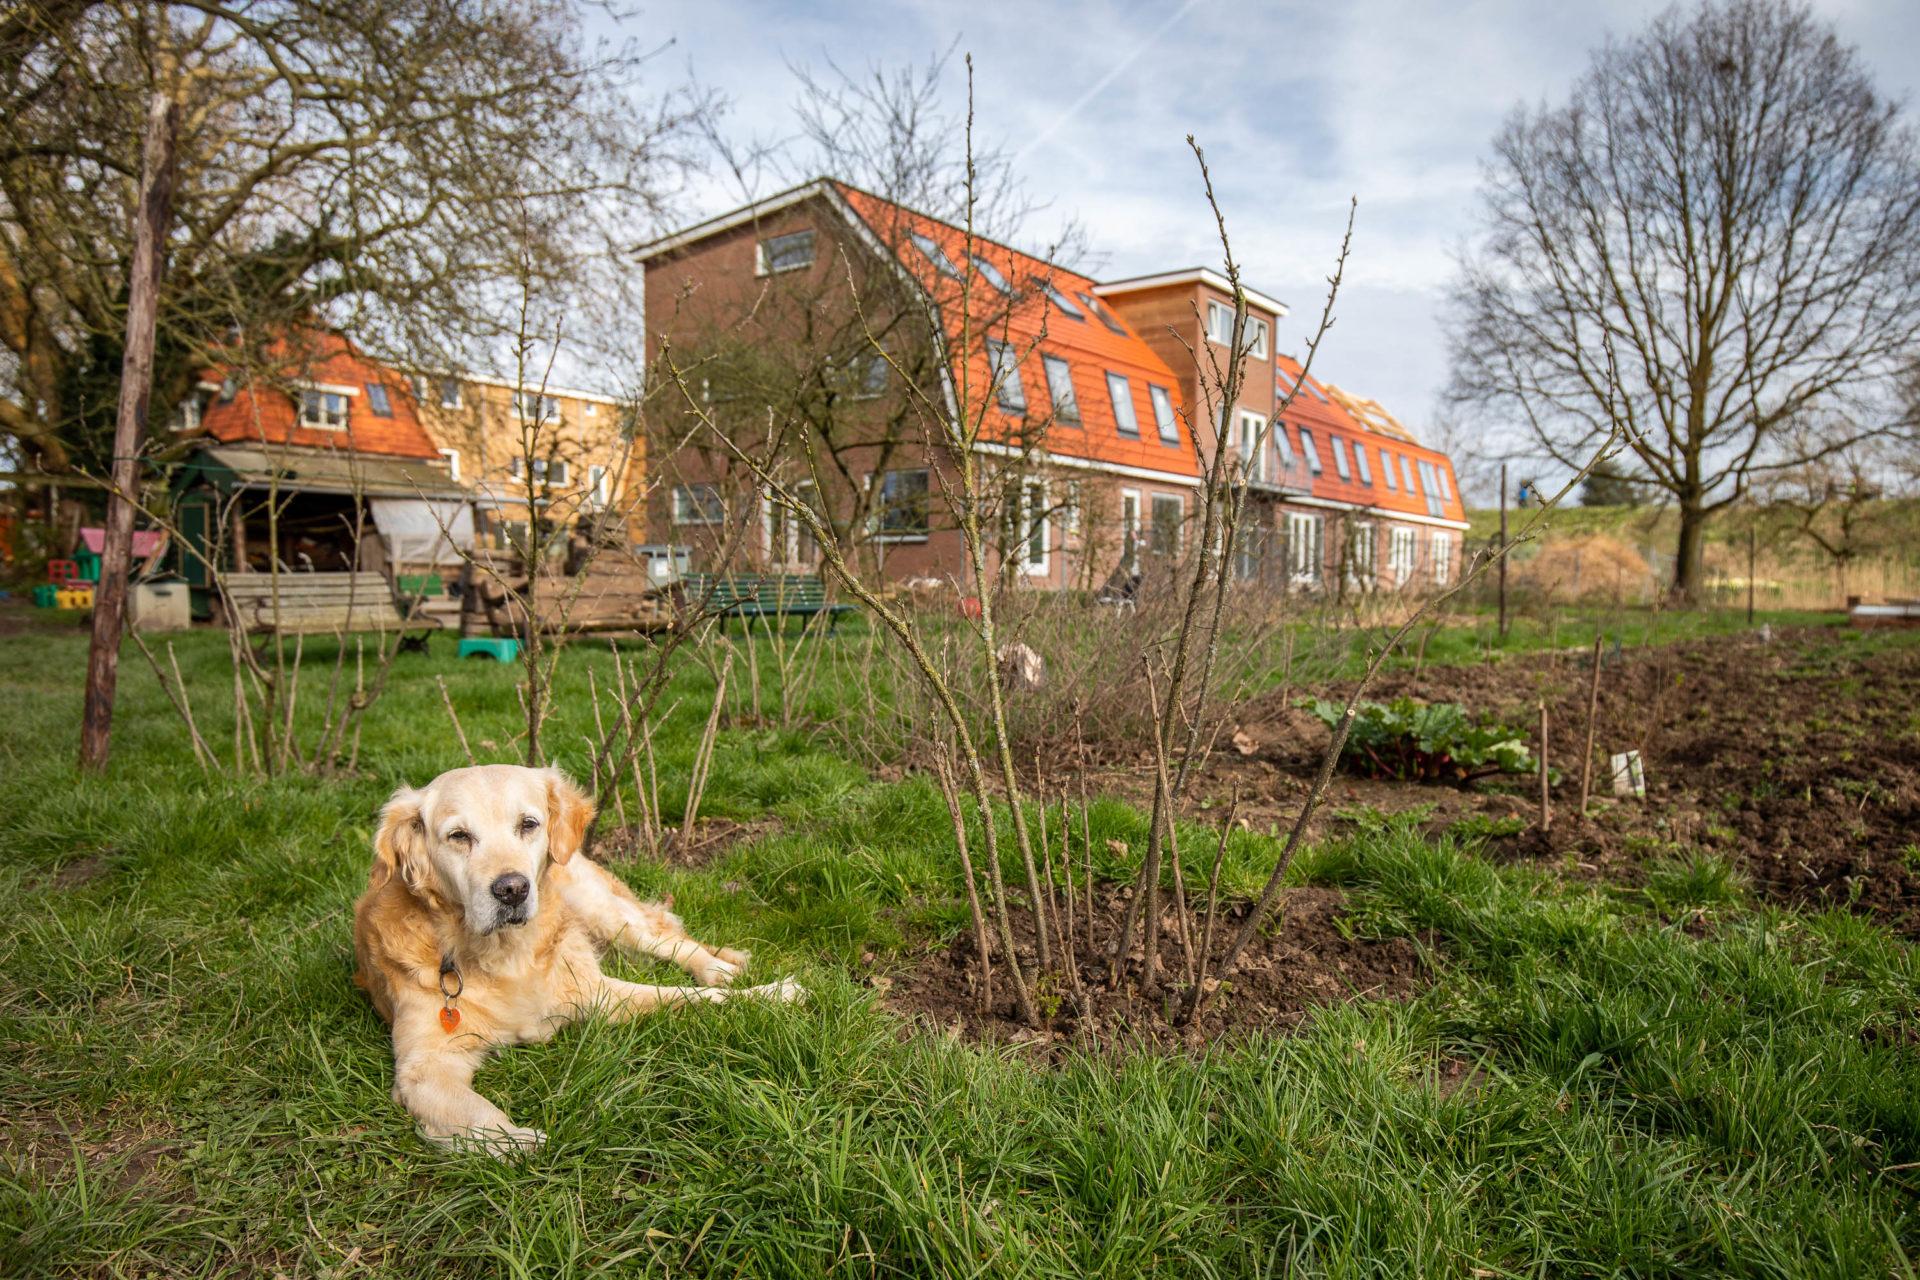 Foto: Jeroen van Heijningen (www.jeroenvanheijningen.nl)